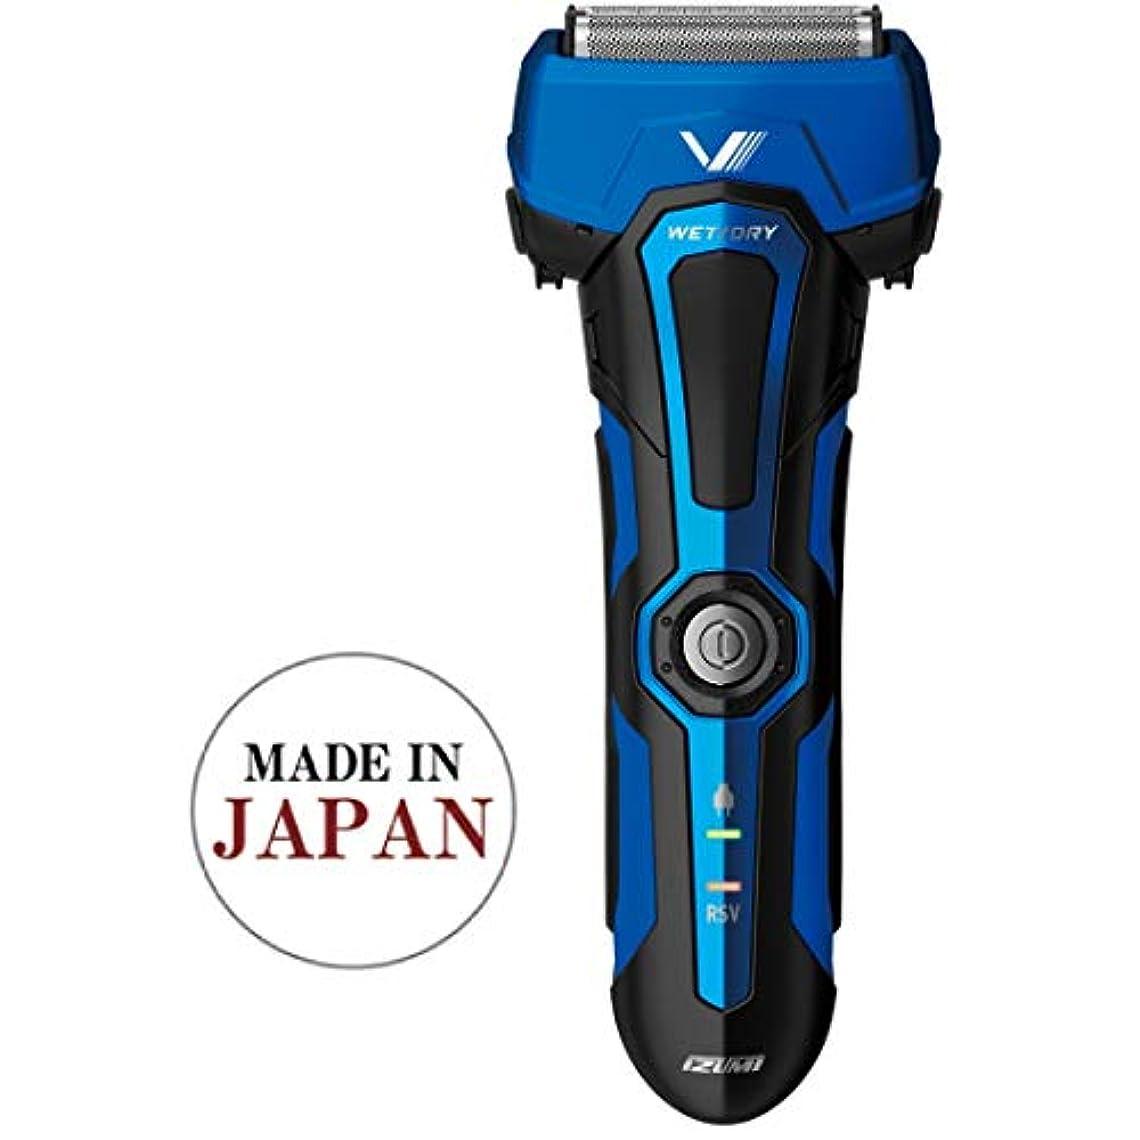 シンジケートガラス整然としたイズミ 電気シェーバー グルーミングシリーズ 4枚刃 往復式 日本製 お風呂剃り可 ブルー IZF-V759?A-EA